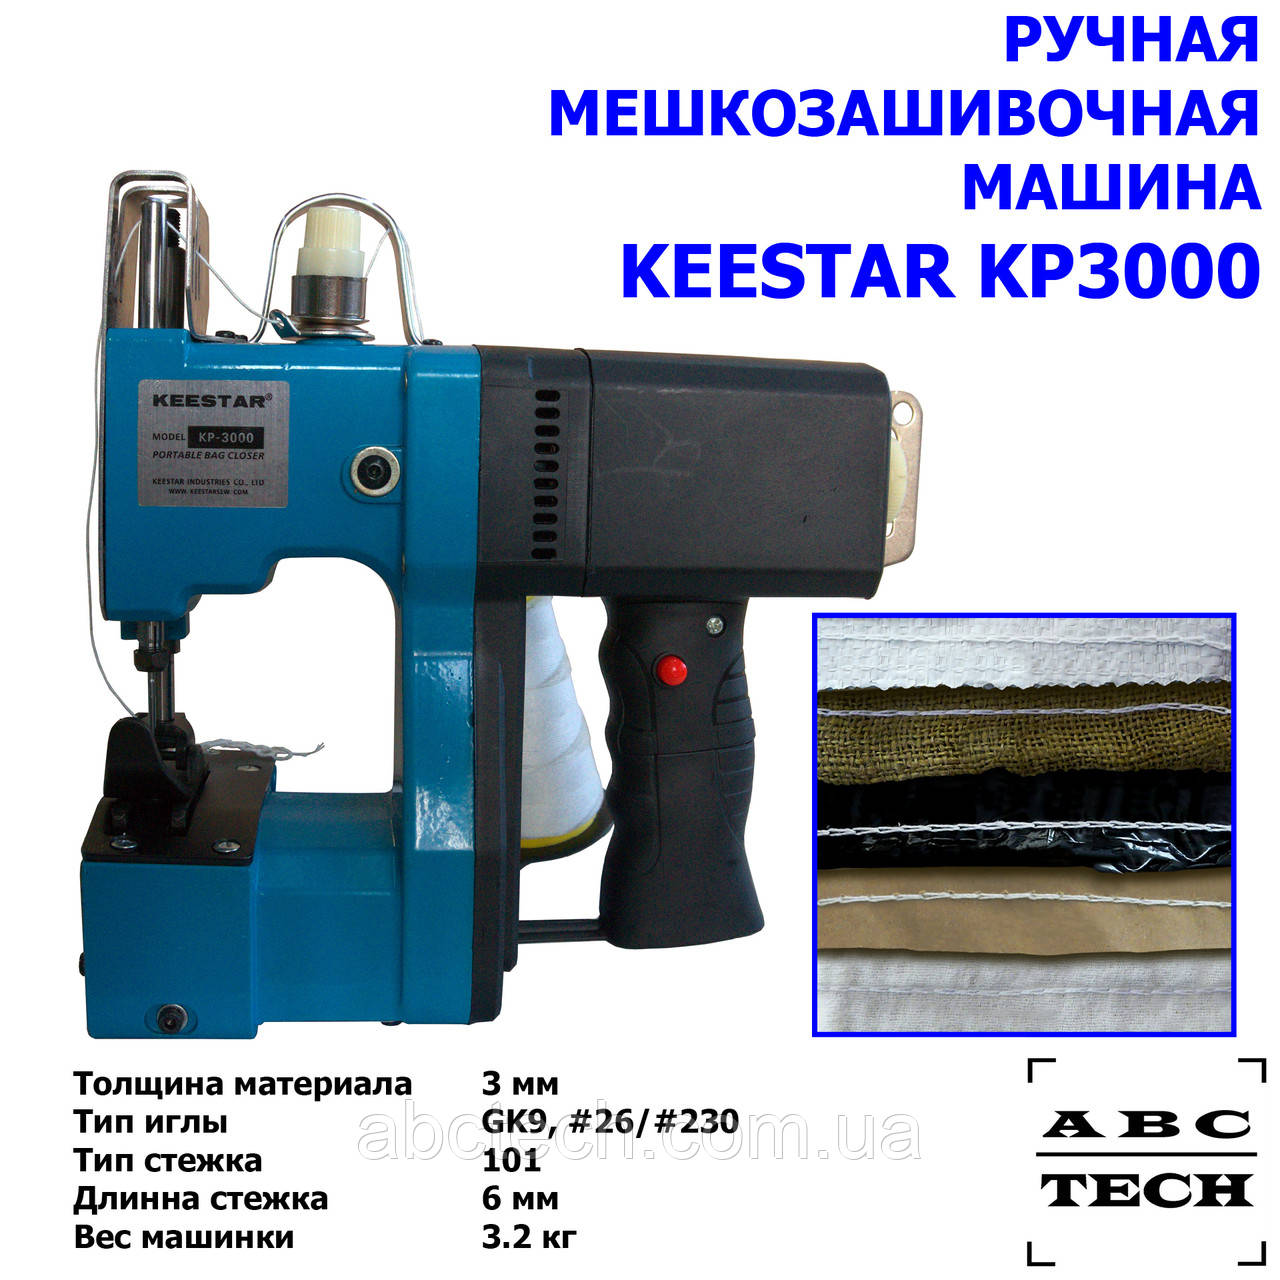 Мішкозашивальна машинка Keestar KP3000 1000 мішків/зміна